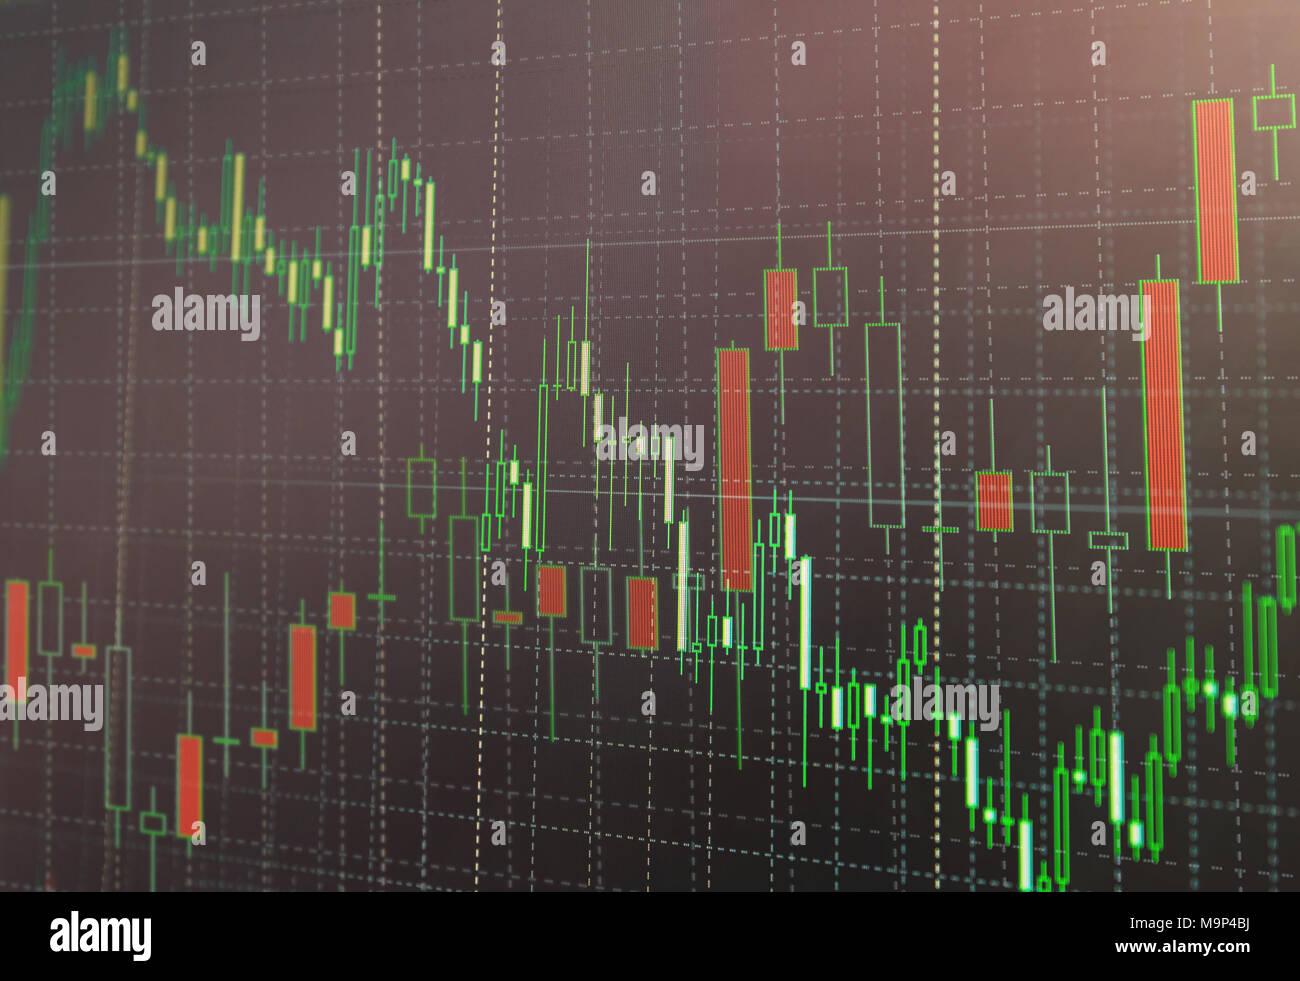 Mercato azionario o Forex Trading grafico e candelabro grafico adatto per gli investimenti finanziari concetto. Economia sullo sfondo delle tendenze per l'Idea di business e di un Immagini Stock